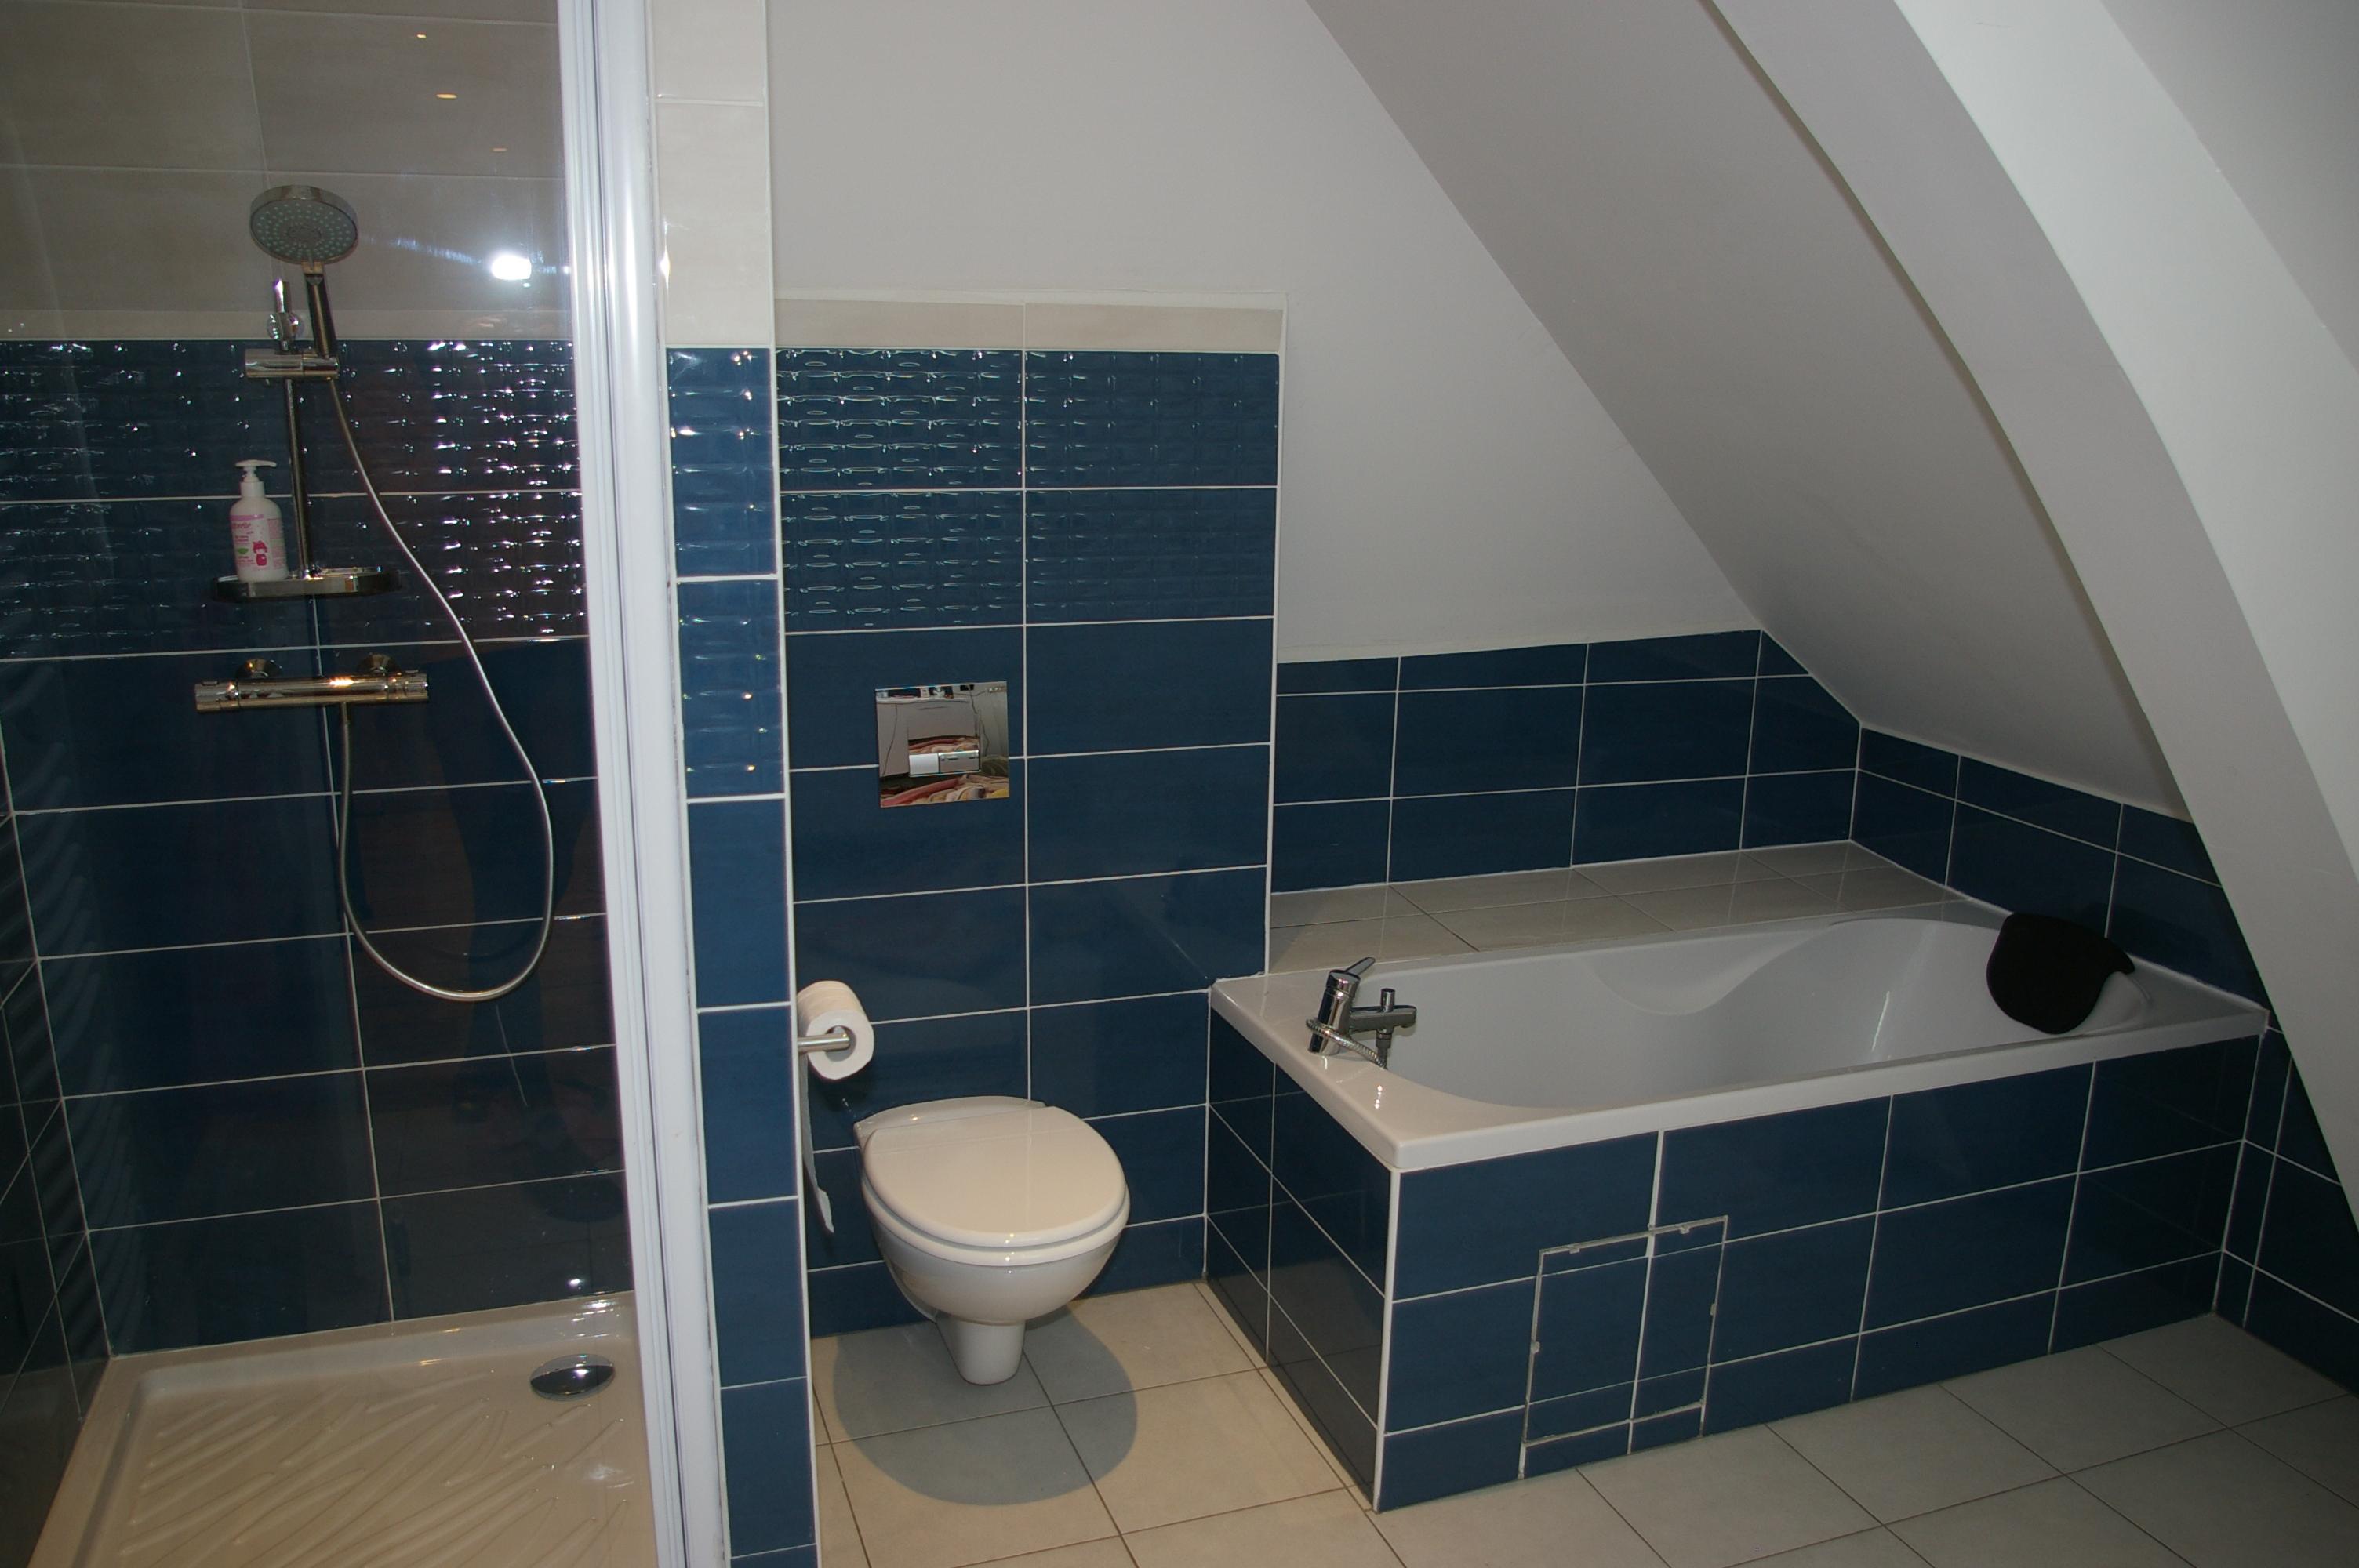 Salle de bain d 39 enfant 60 degr s - Temperature salle de bain pour bebe ...